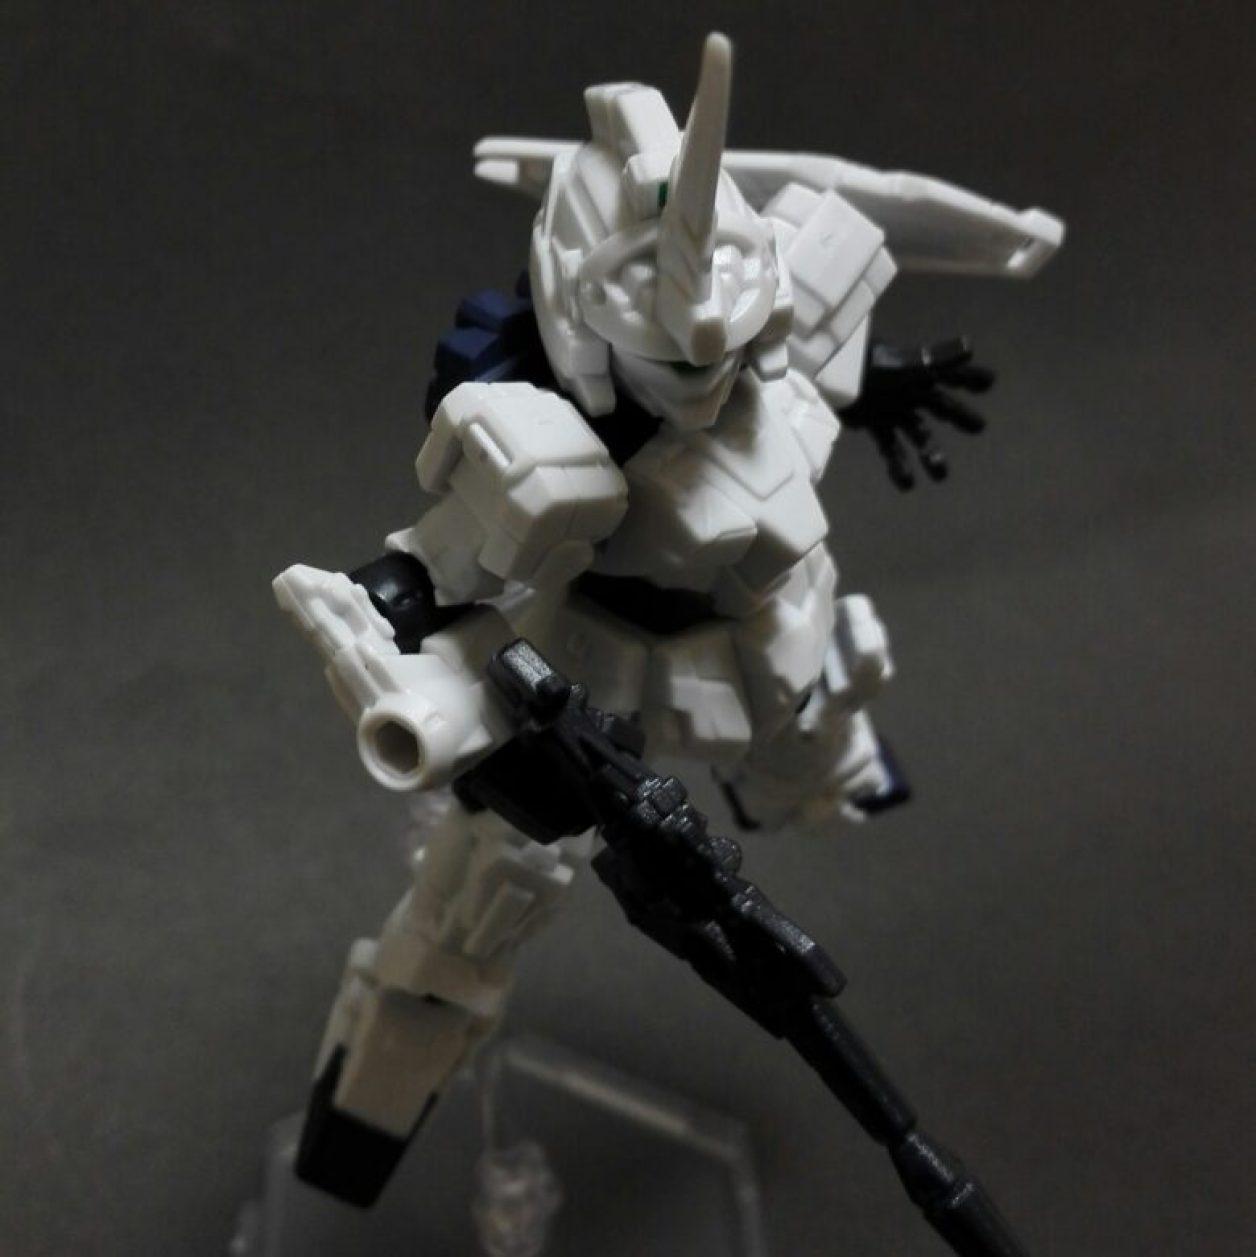 MOBILE SUIT ENSEMBLE(モビルスーツアンサンブル)第10弾のユニコーンガンダム(ユニコーンモード)に初期武装であるビーム・マグナムとシールドを装備させてポージングしている画像